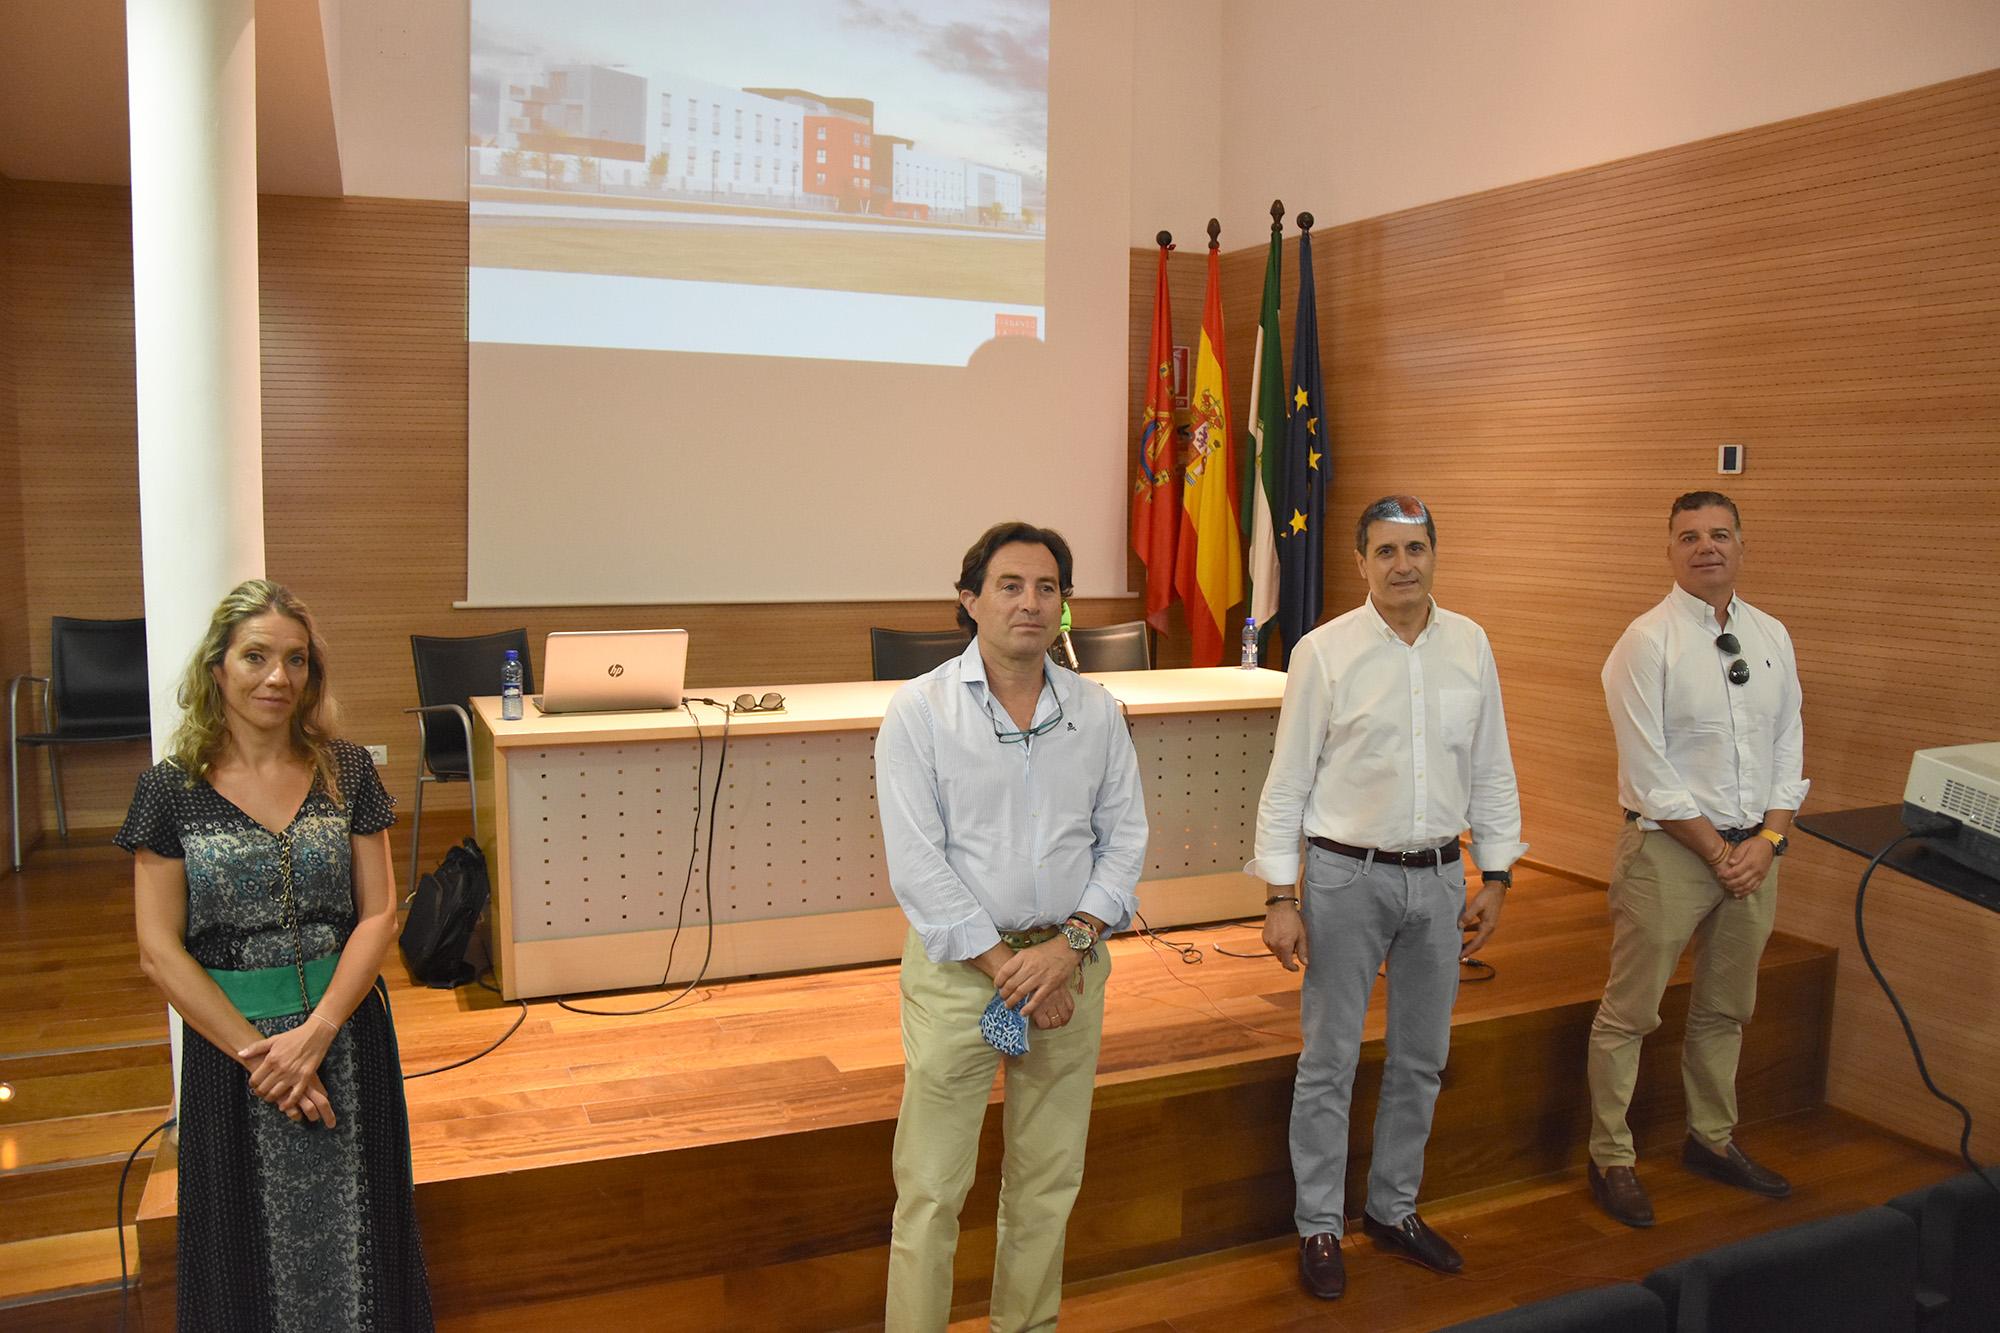 Presentación del proyecto de ampliación de la residencia de mayores Braulia Ramos de Baza